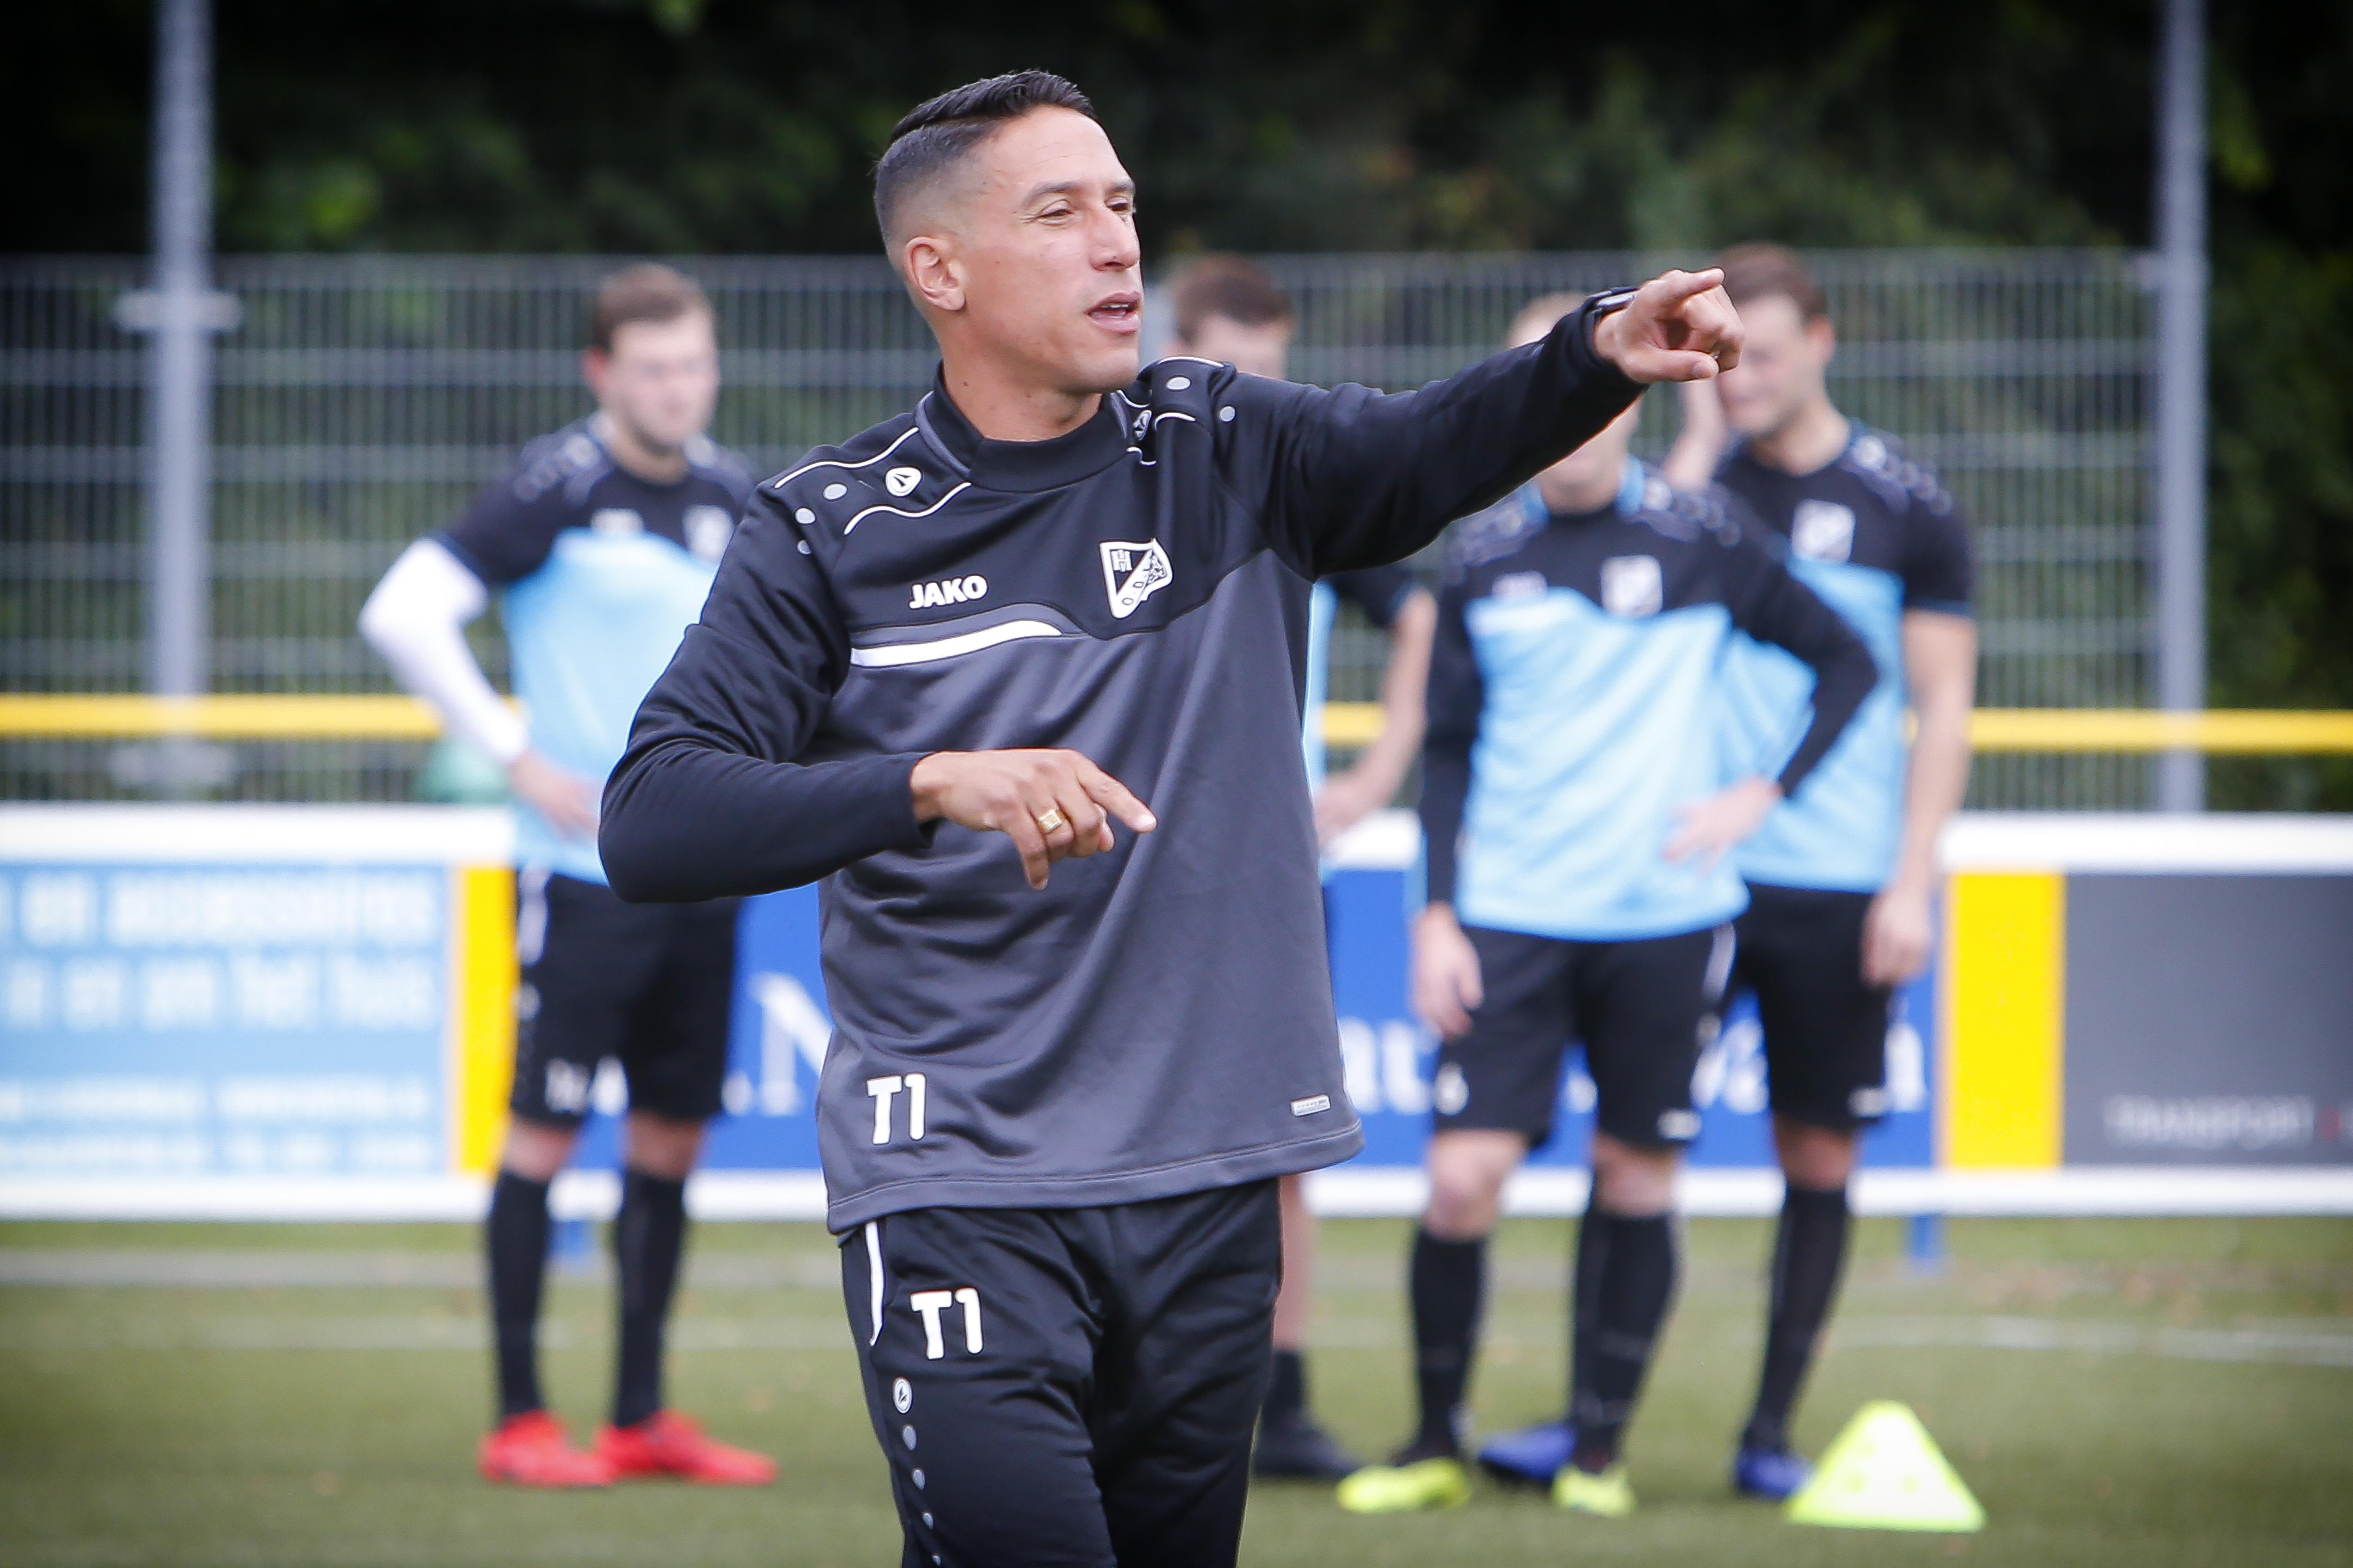 Collega's zien in vrolijke en soms explosieve Anthony Correia van Katwijk de toekomstig hoofdtrainer van Telstar: 'Dat zou toch heel mooi zijn, een jongensboek'